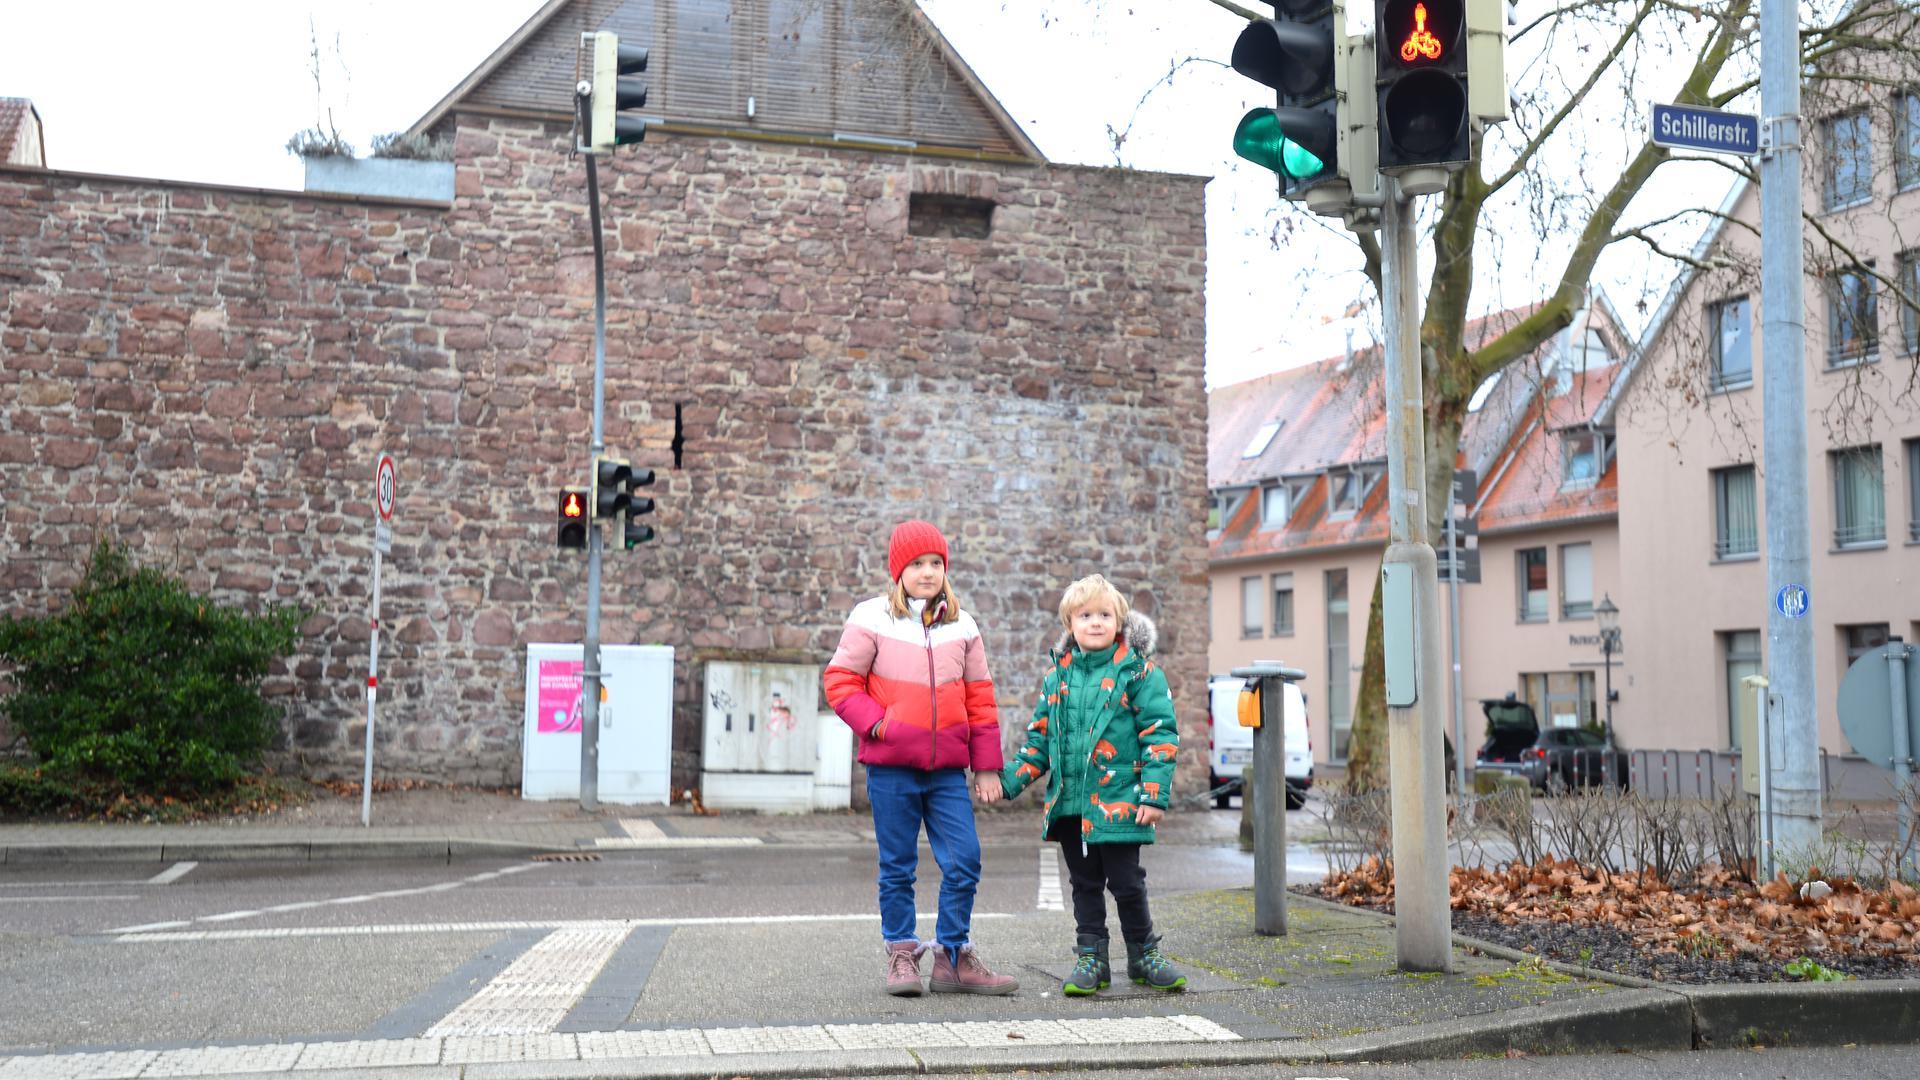 Zwei bildhübsche Kinder stehen an einer Ampel und warten auf grün.